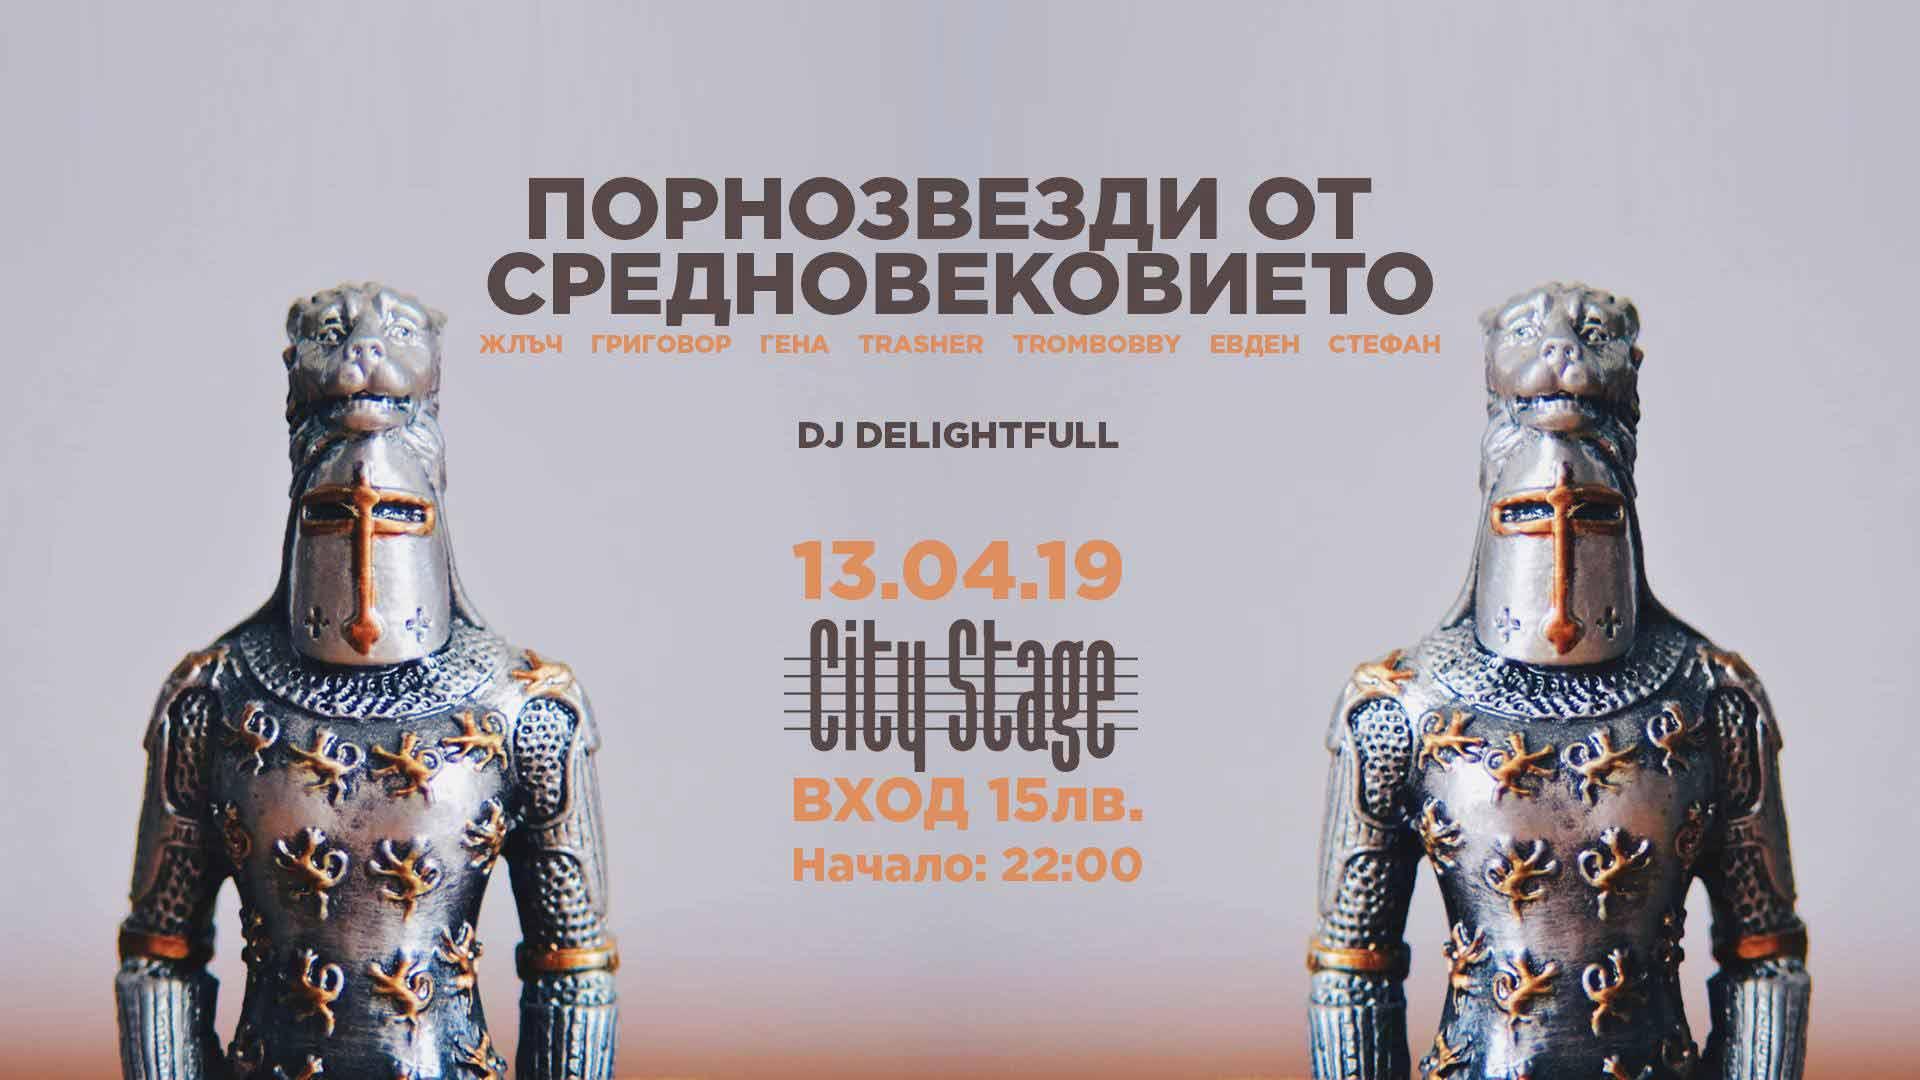 13 април 2019 г. 22:00 ч. City Stage | Порнозвезди от Средновековието